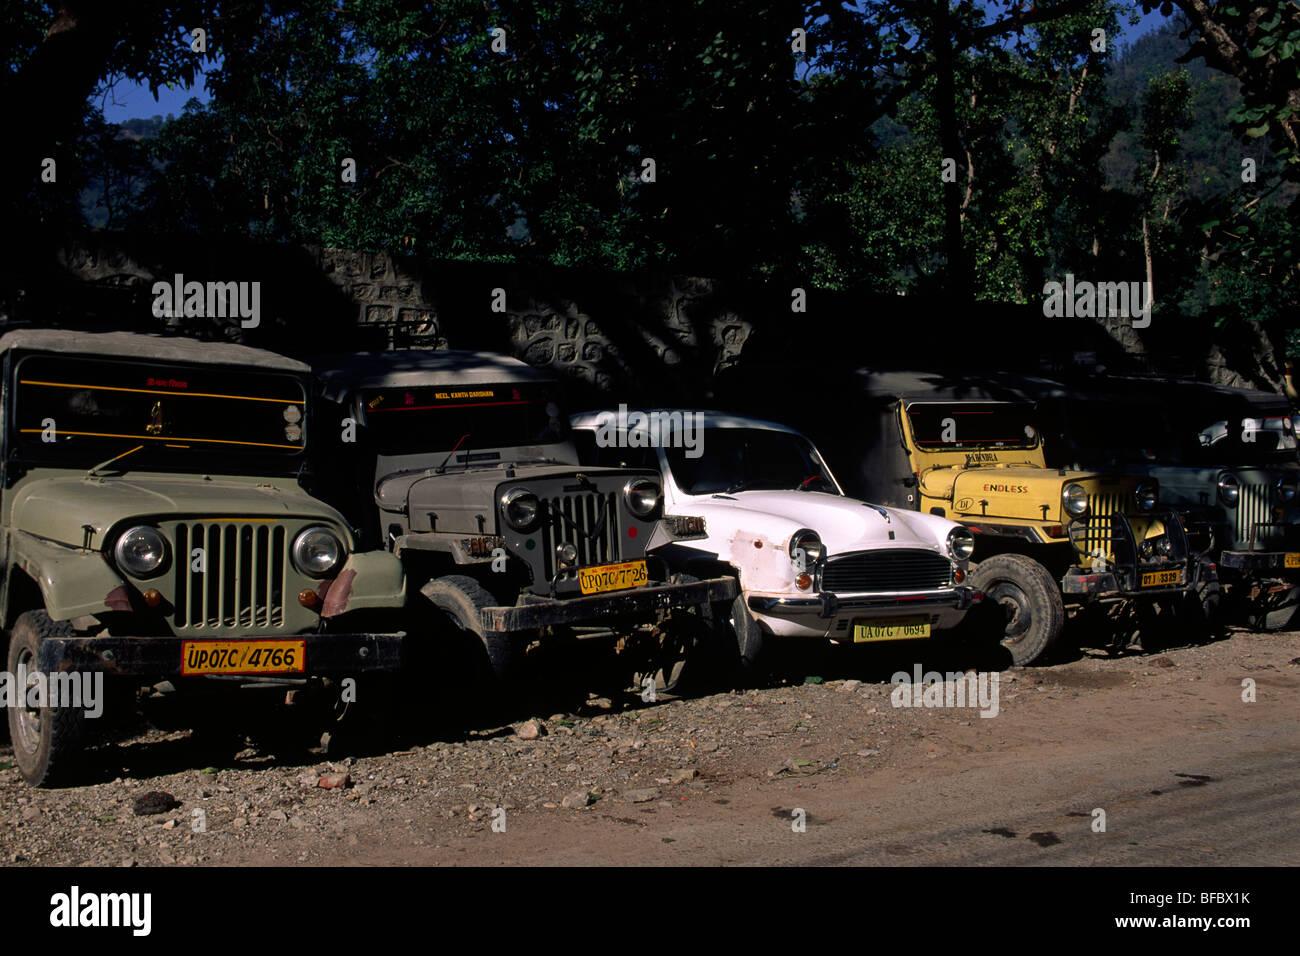 india, india, rishikesh, cars - Stock Image